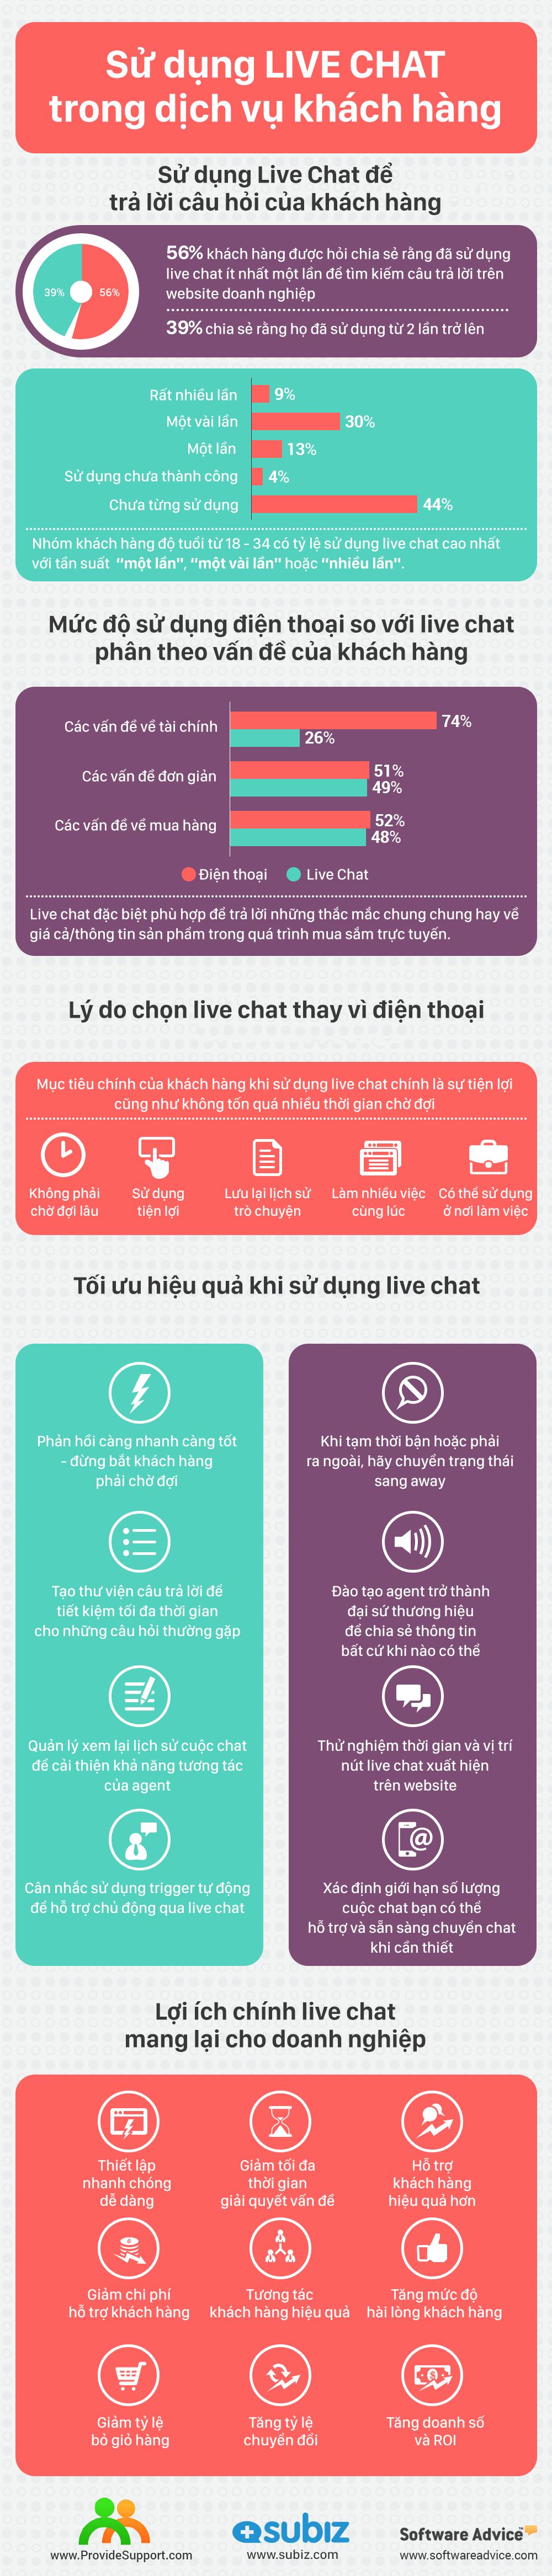 Sự cần thiết của live chat trong dịch vụ khách hàng